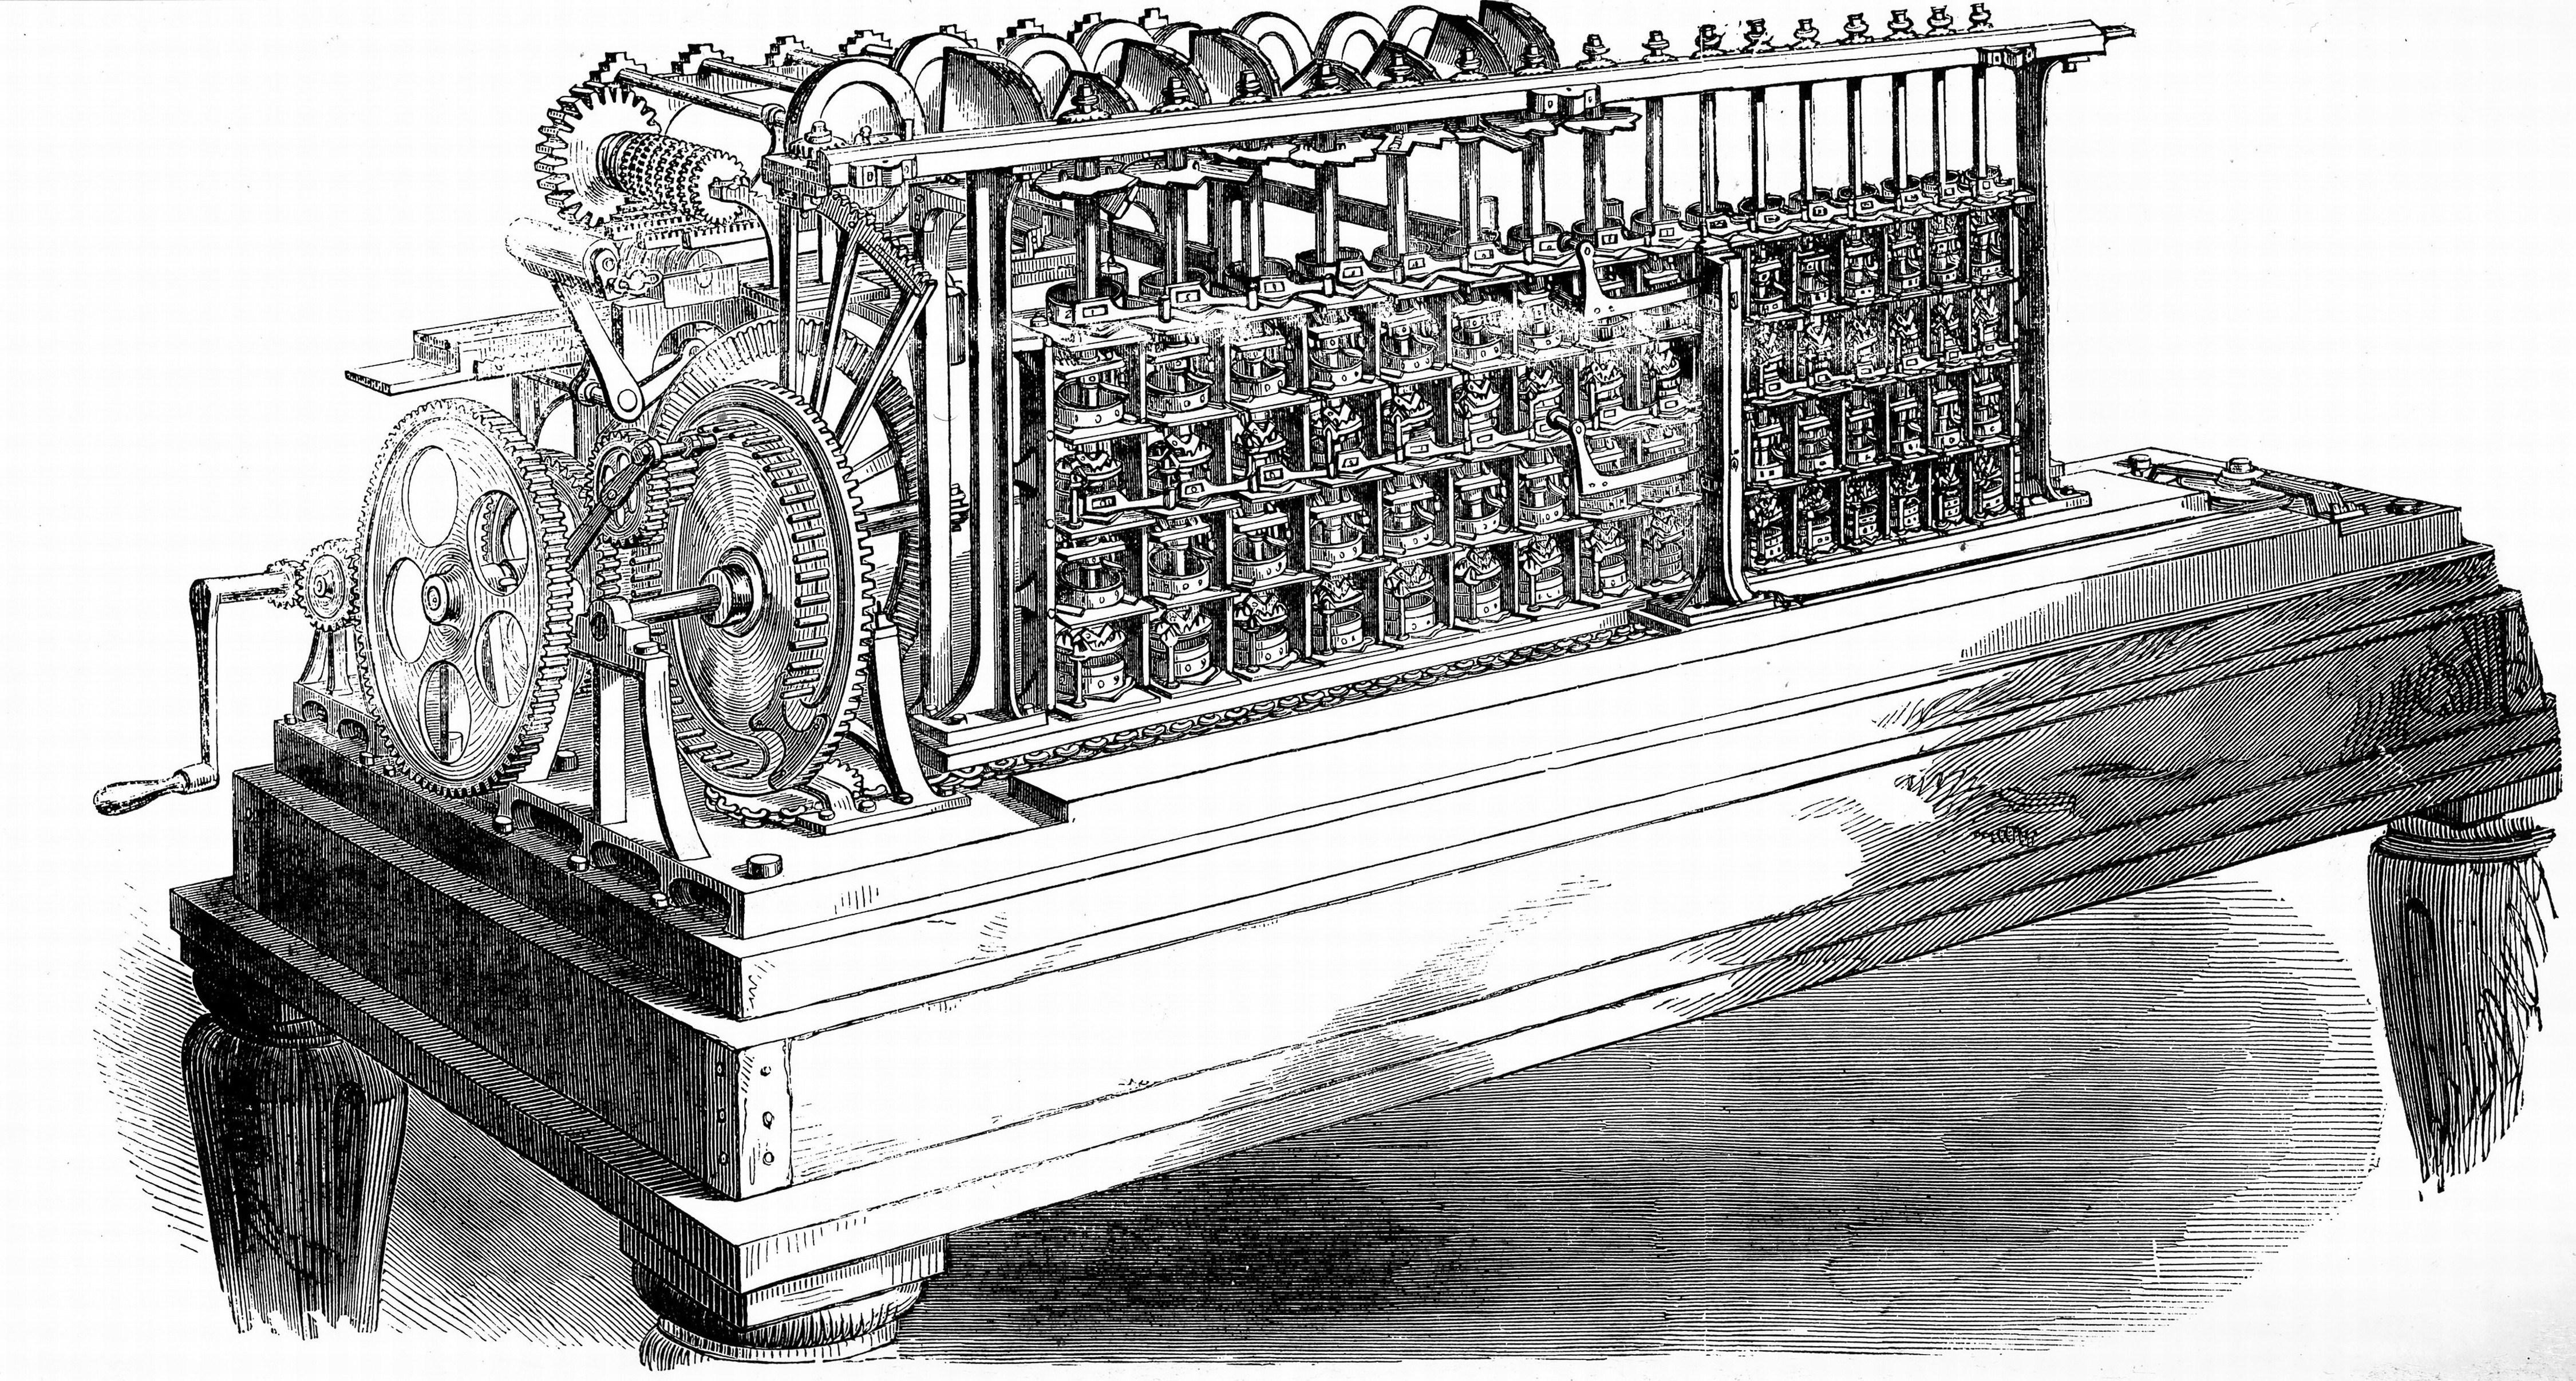 George and Edward Scheutz's calculating machine